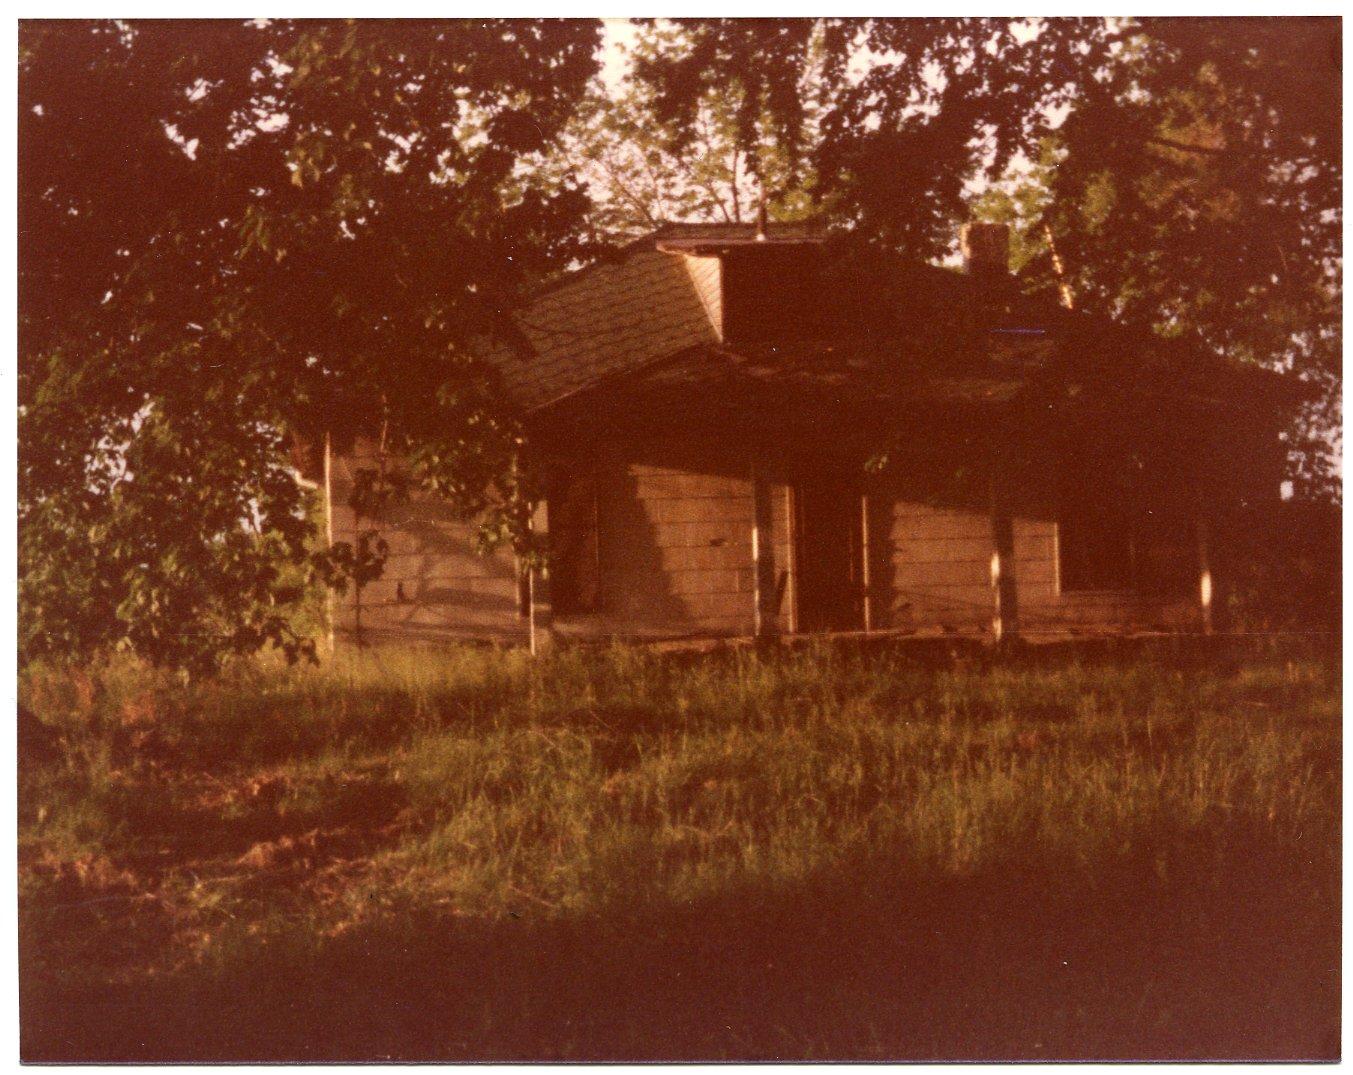 House on Silas Cargill Farm